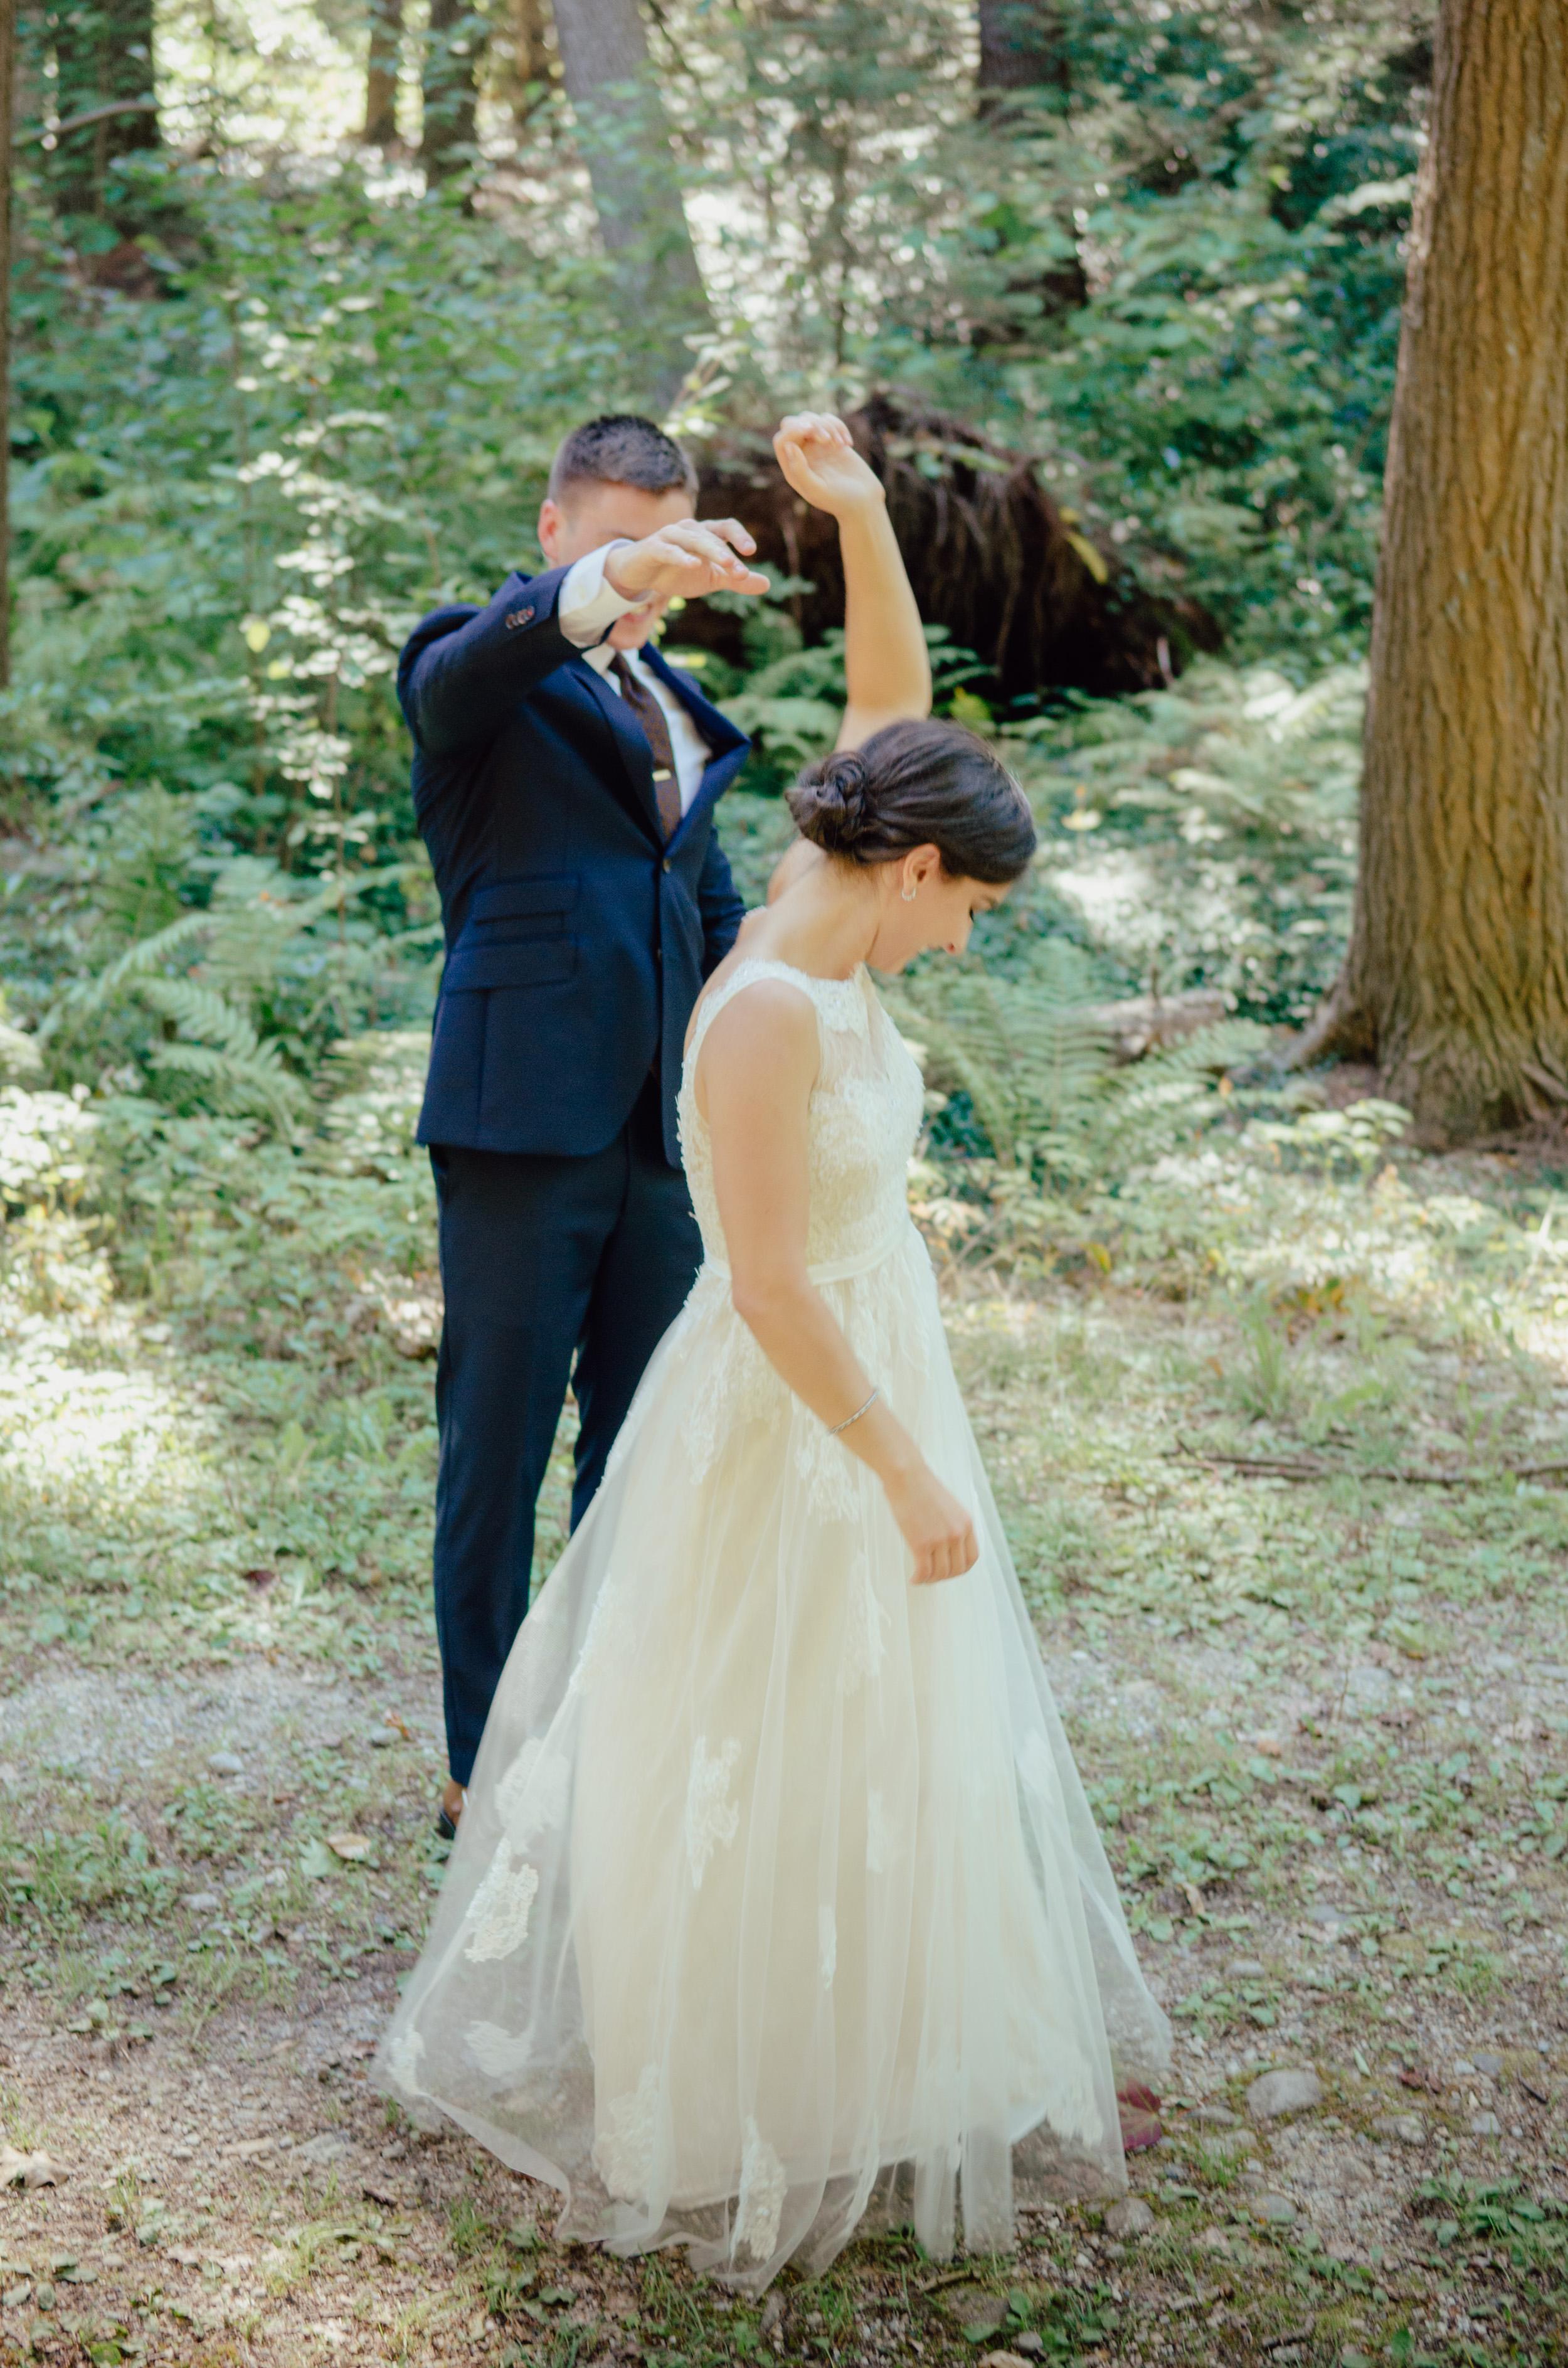 cleland-studios-weddings-51.jpg